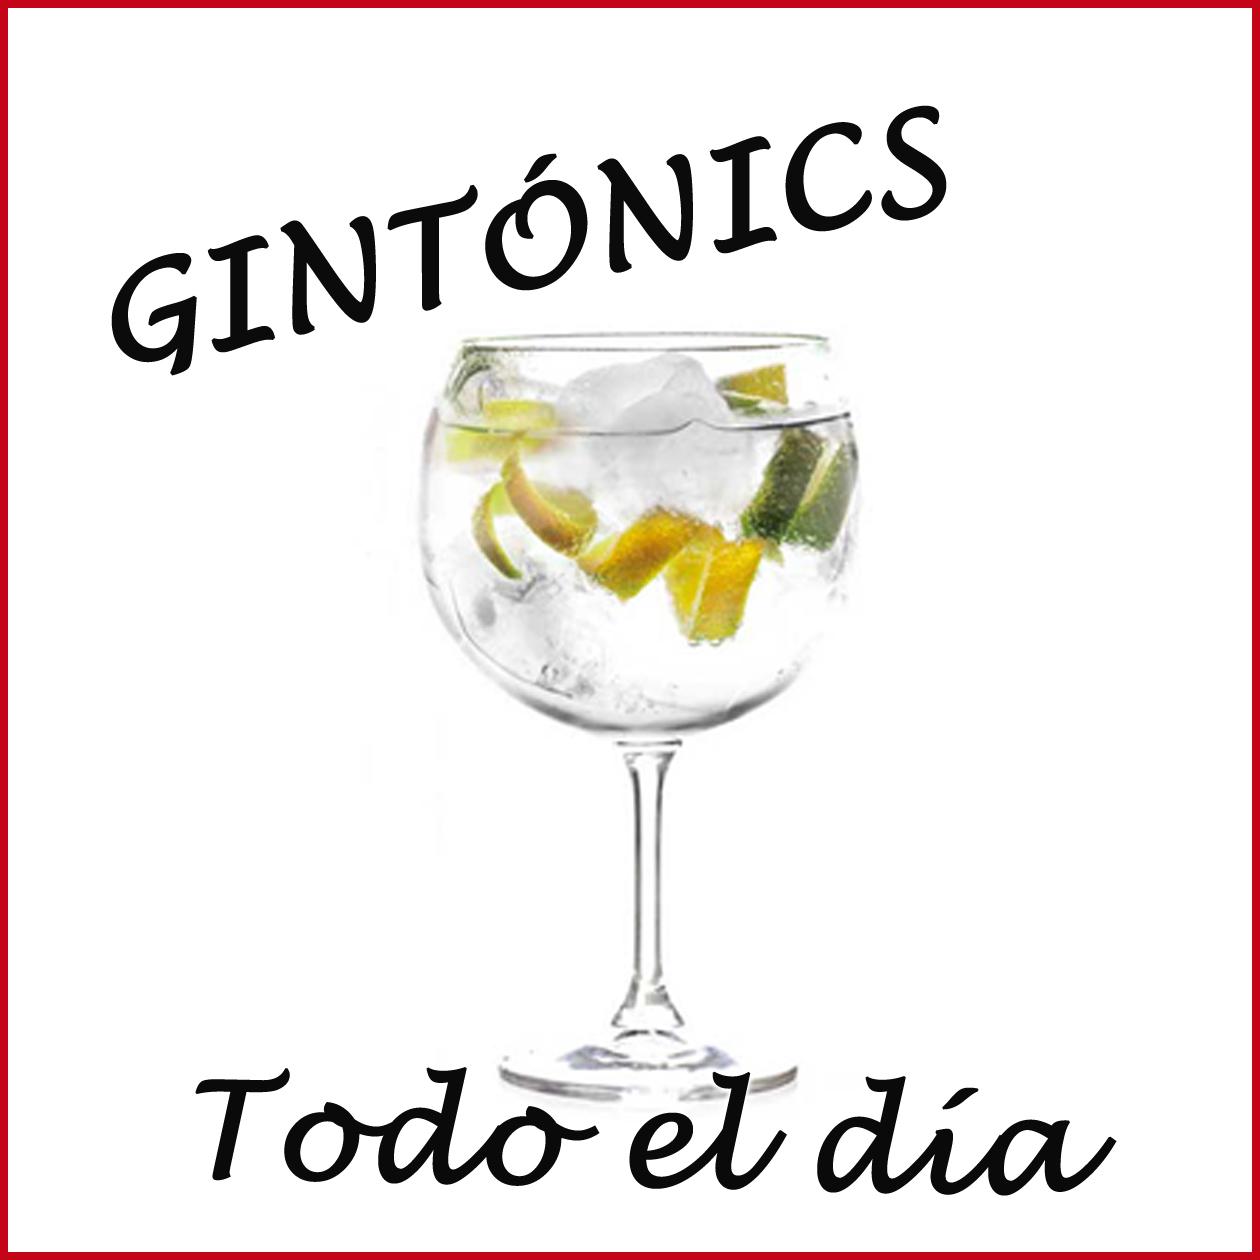 Gintonics